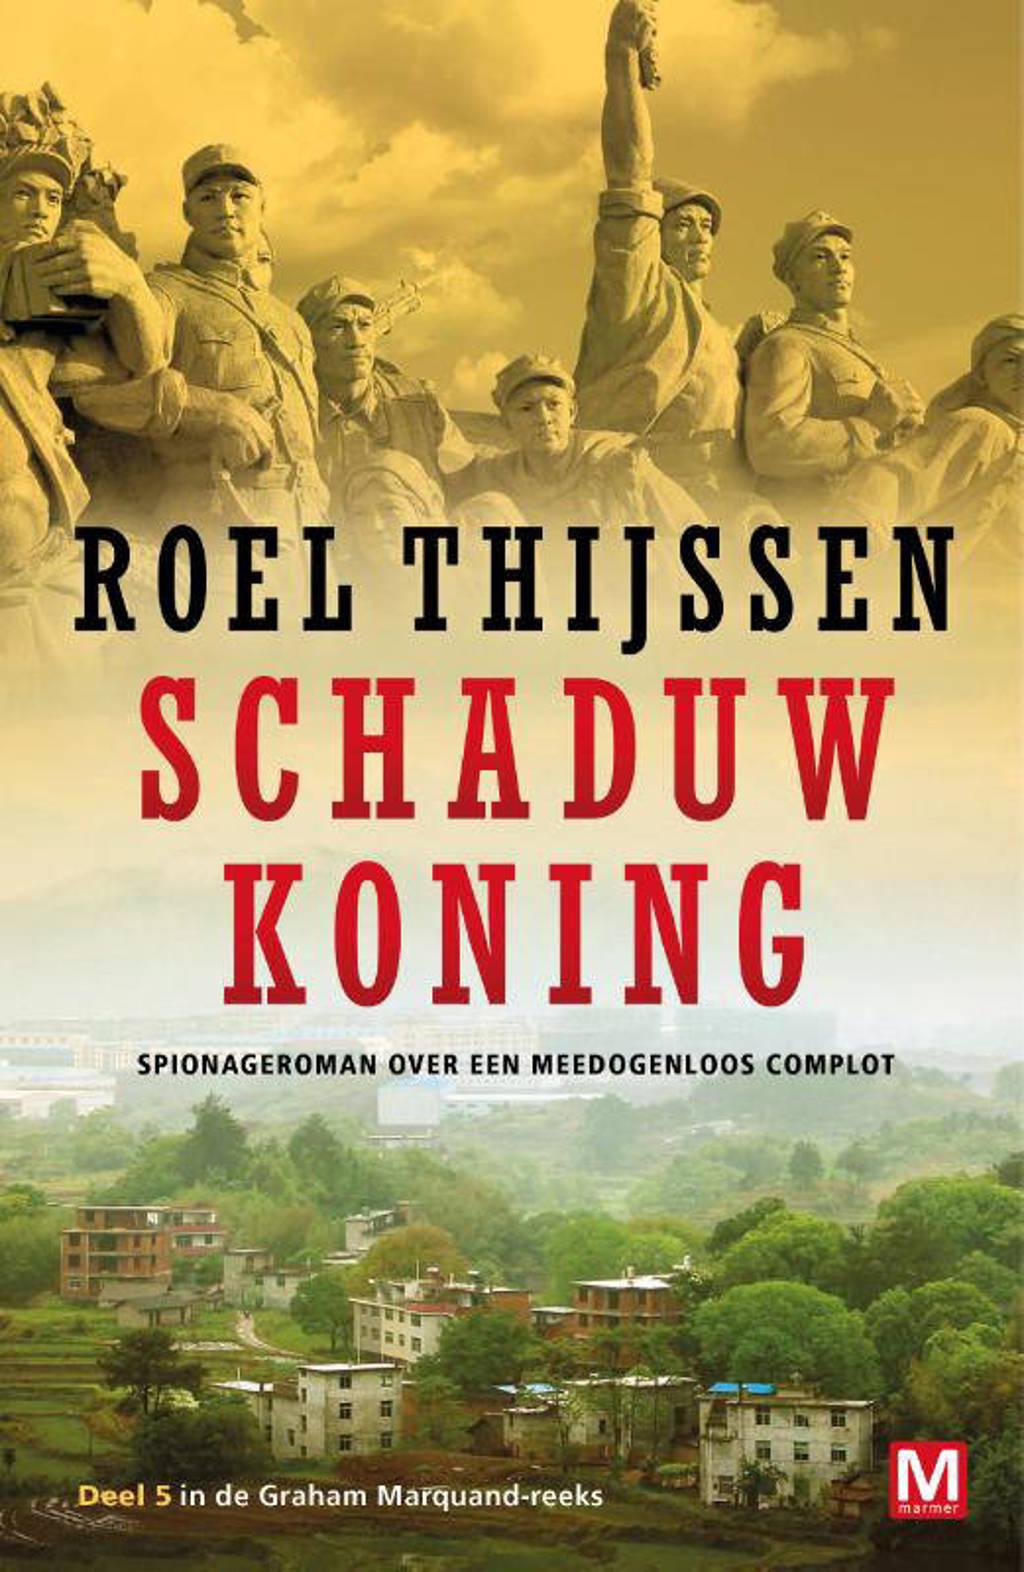 Graham Marquand-reeks: Schaduwkoning - Roel Thijssen